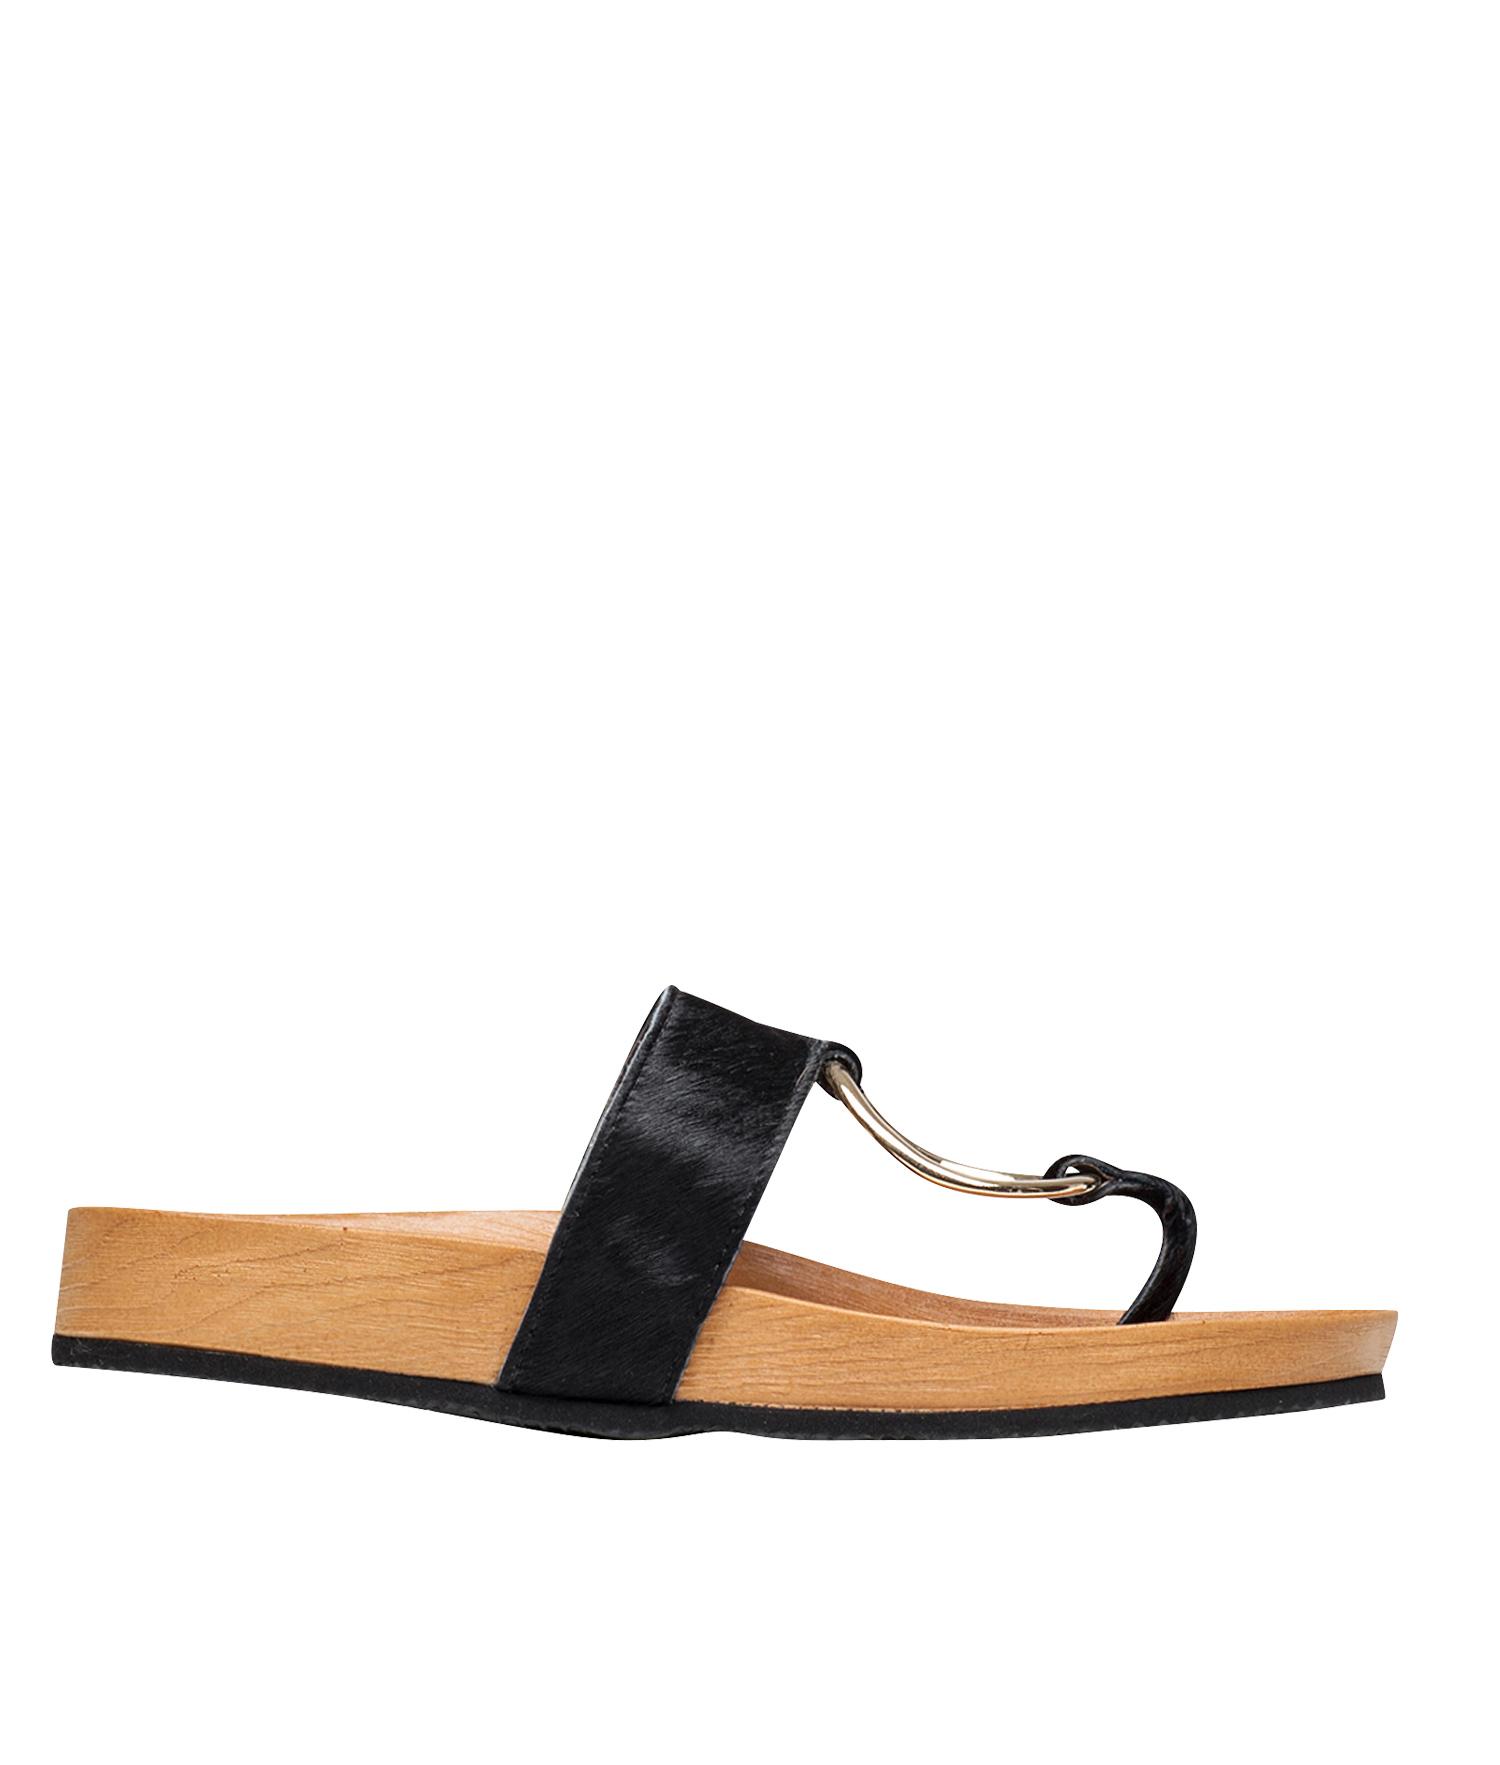 37050abbdb77e AnnaKastle Womens Calf Hair Ring Thong Sandal Slide Flip Flops Black